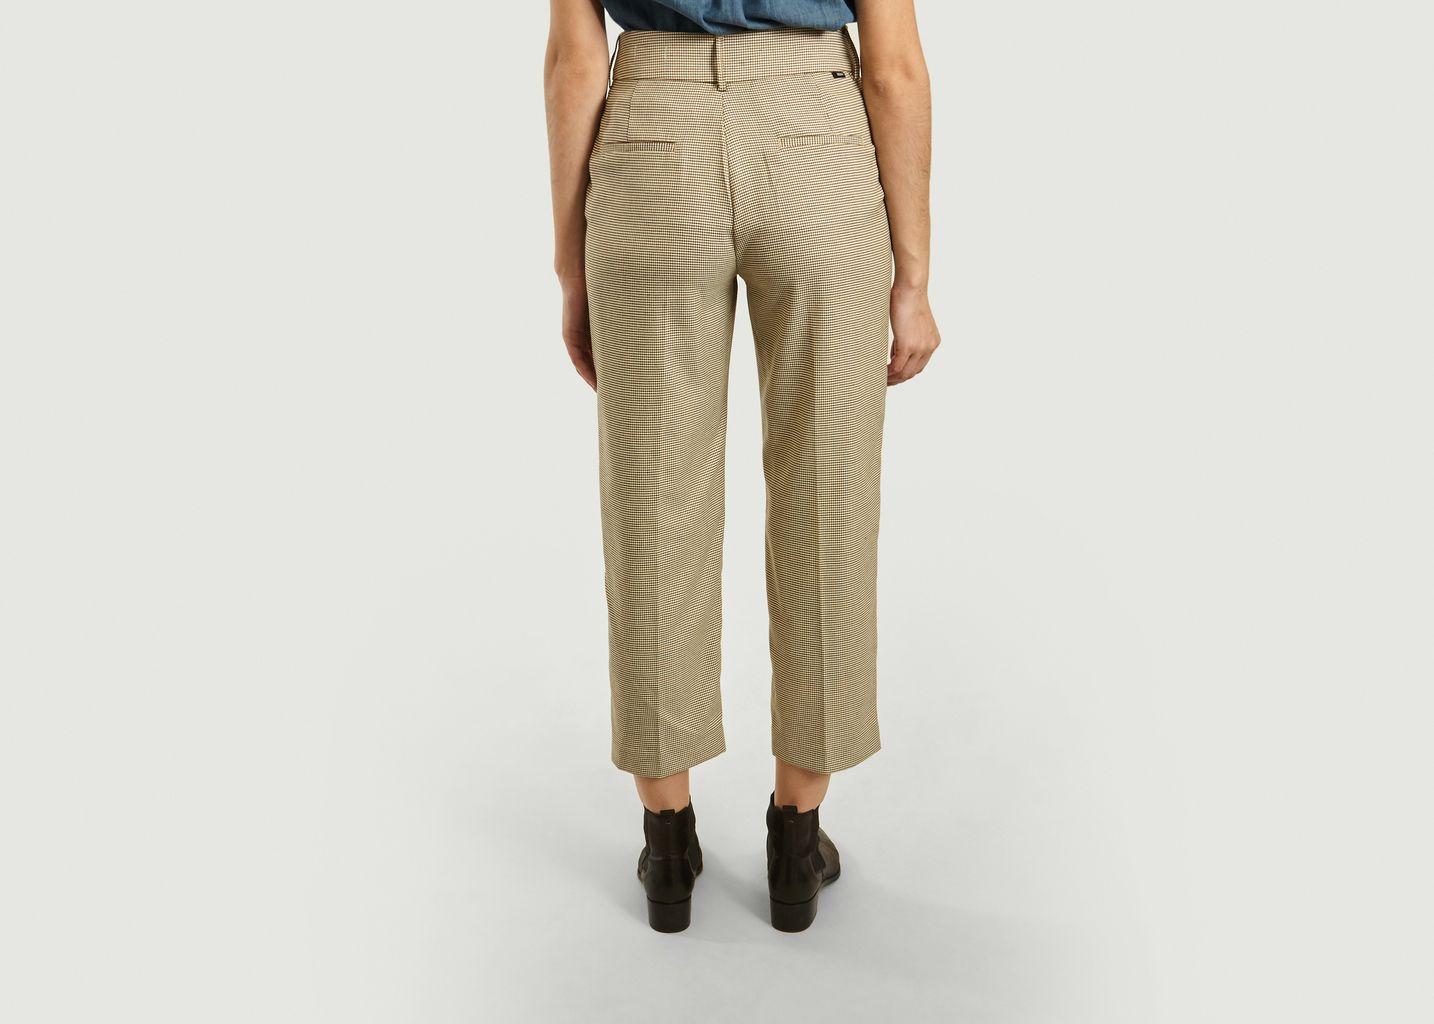 Pantalon 7/8e Liv - Reiko